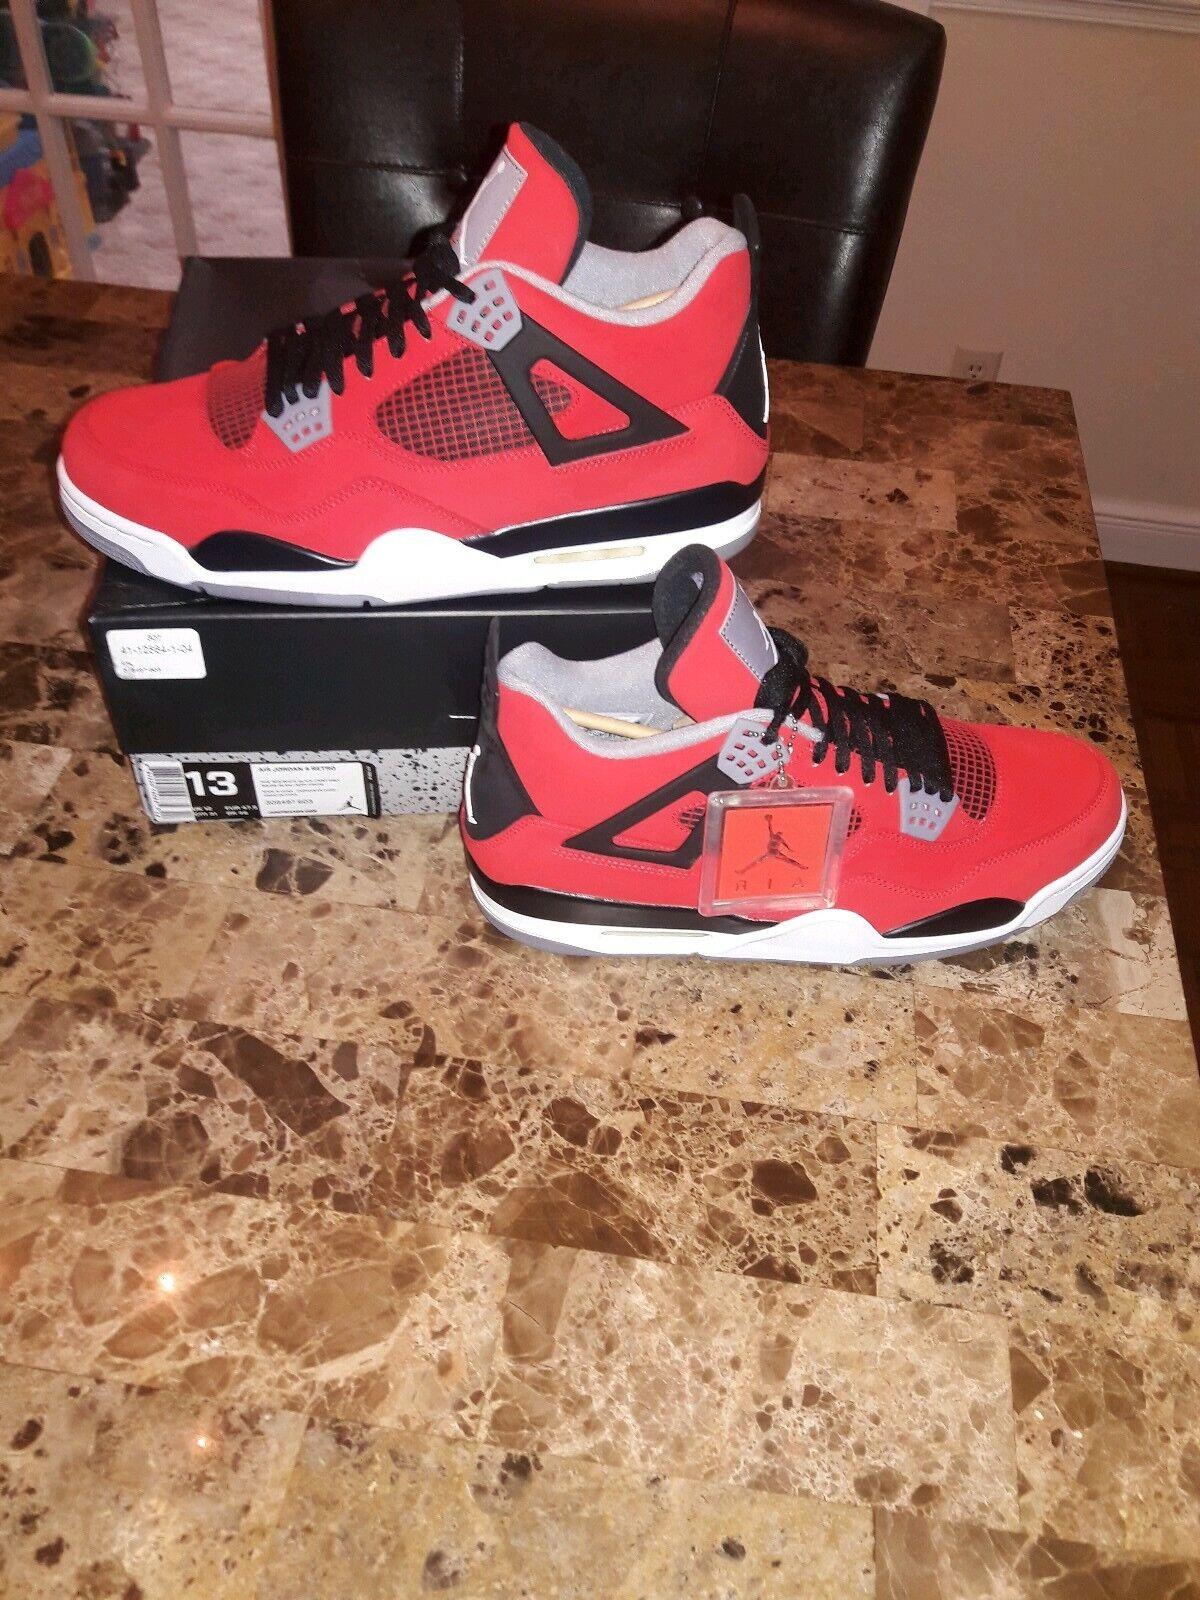 11 Og 4 IV rojoo Jordan 2019,Nike En yardas,nuevo en